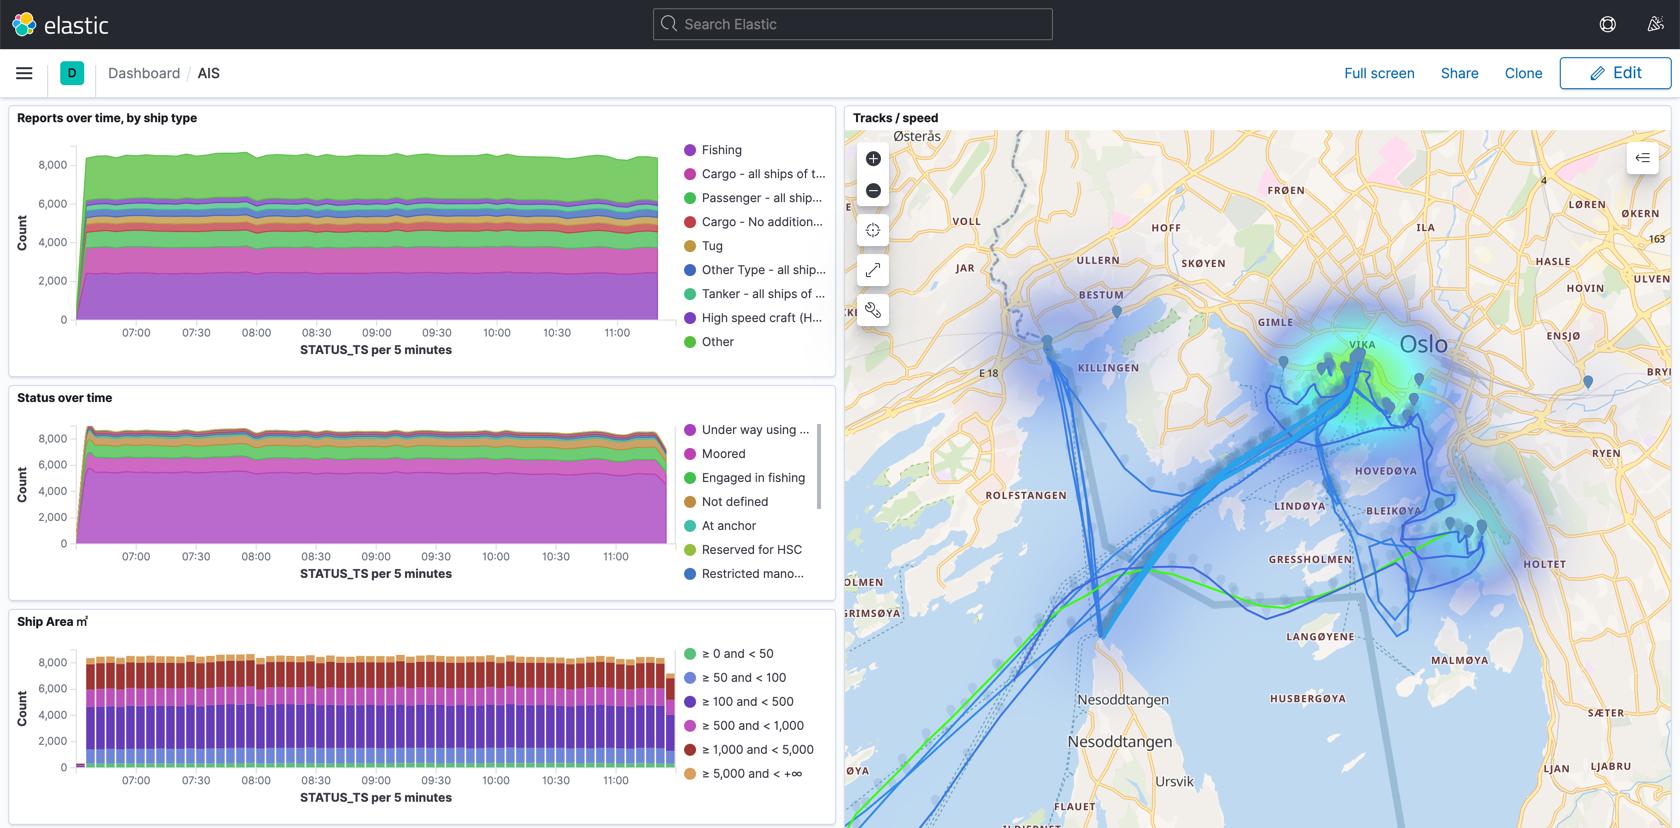 Analytics and visualization